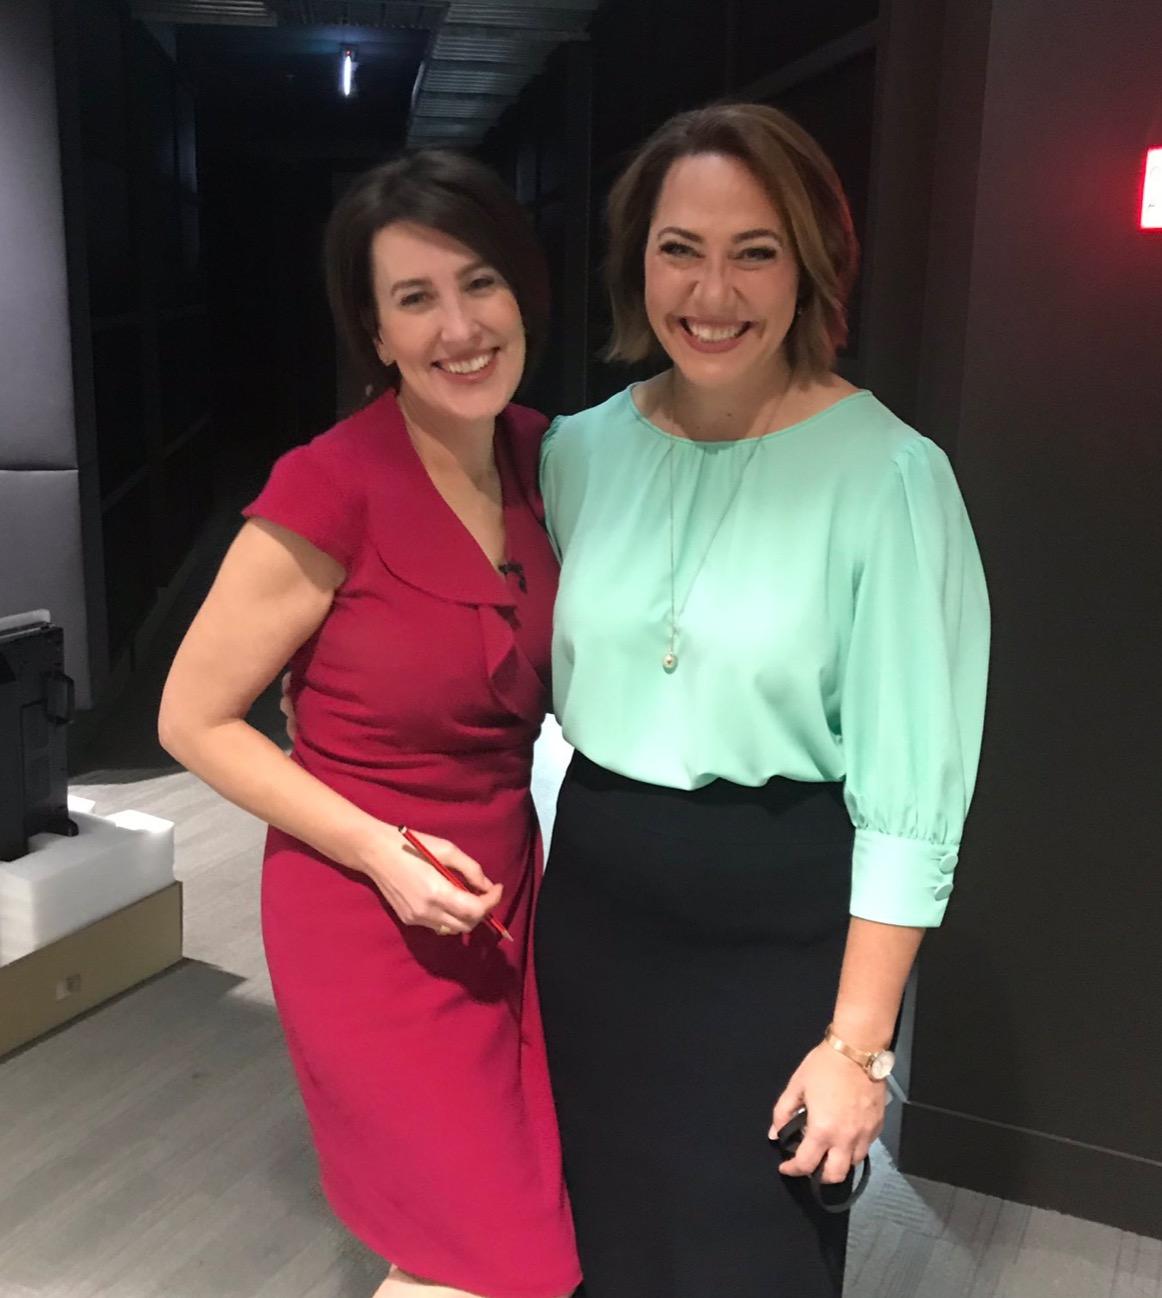 Virginia Trioli and Lisa Millar  image - Twitter